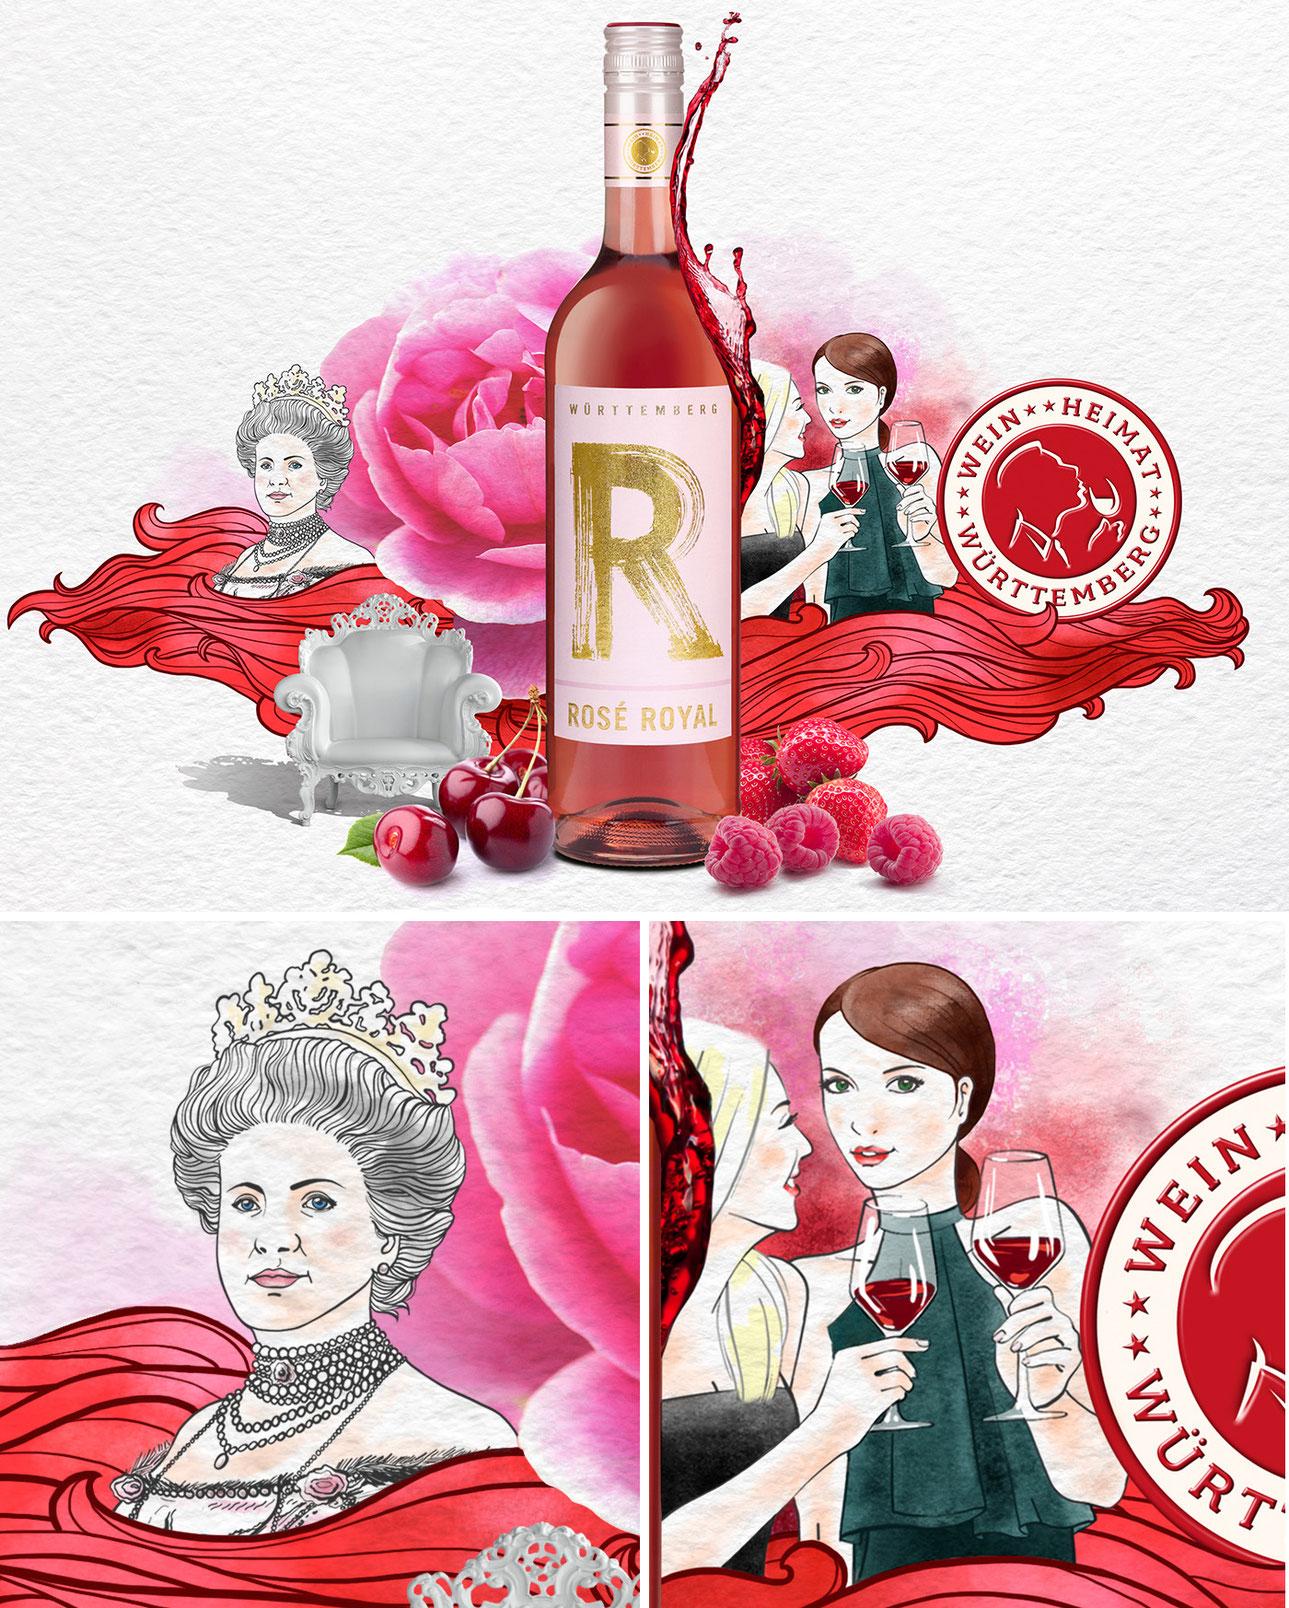 Illustration für den Wein Rose Royal als Key Visual für Website und Flyer für Gweinnspiel. Marina Schilling.